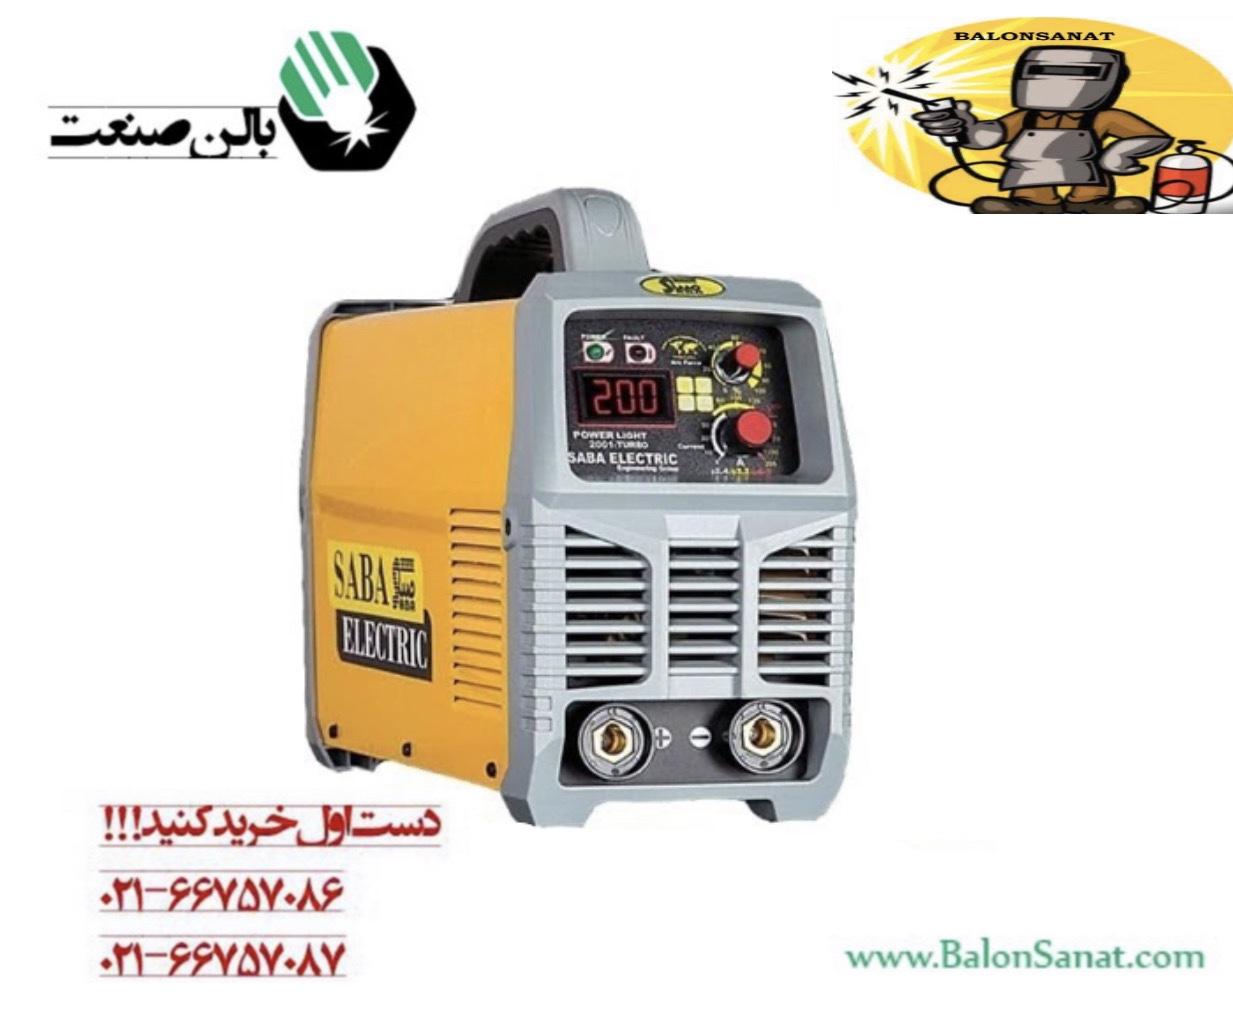 دستگاه جوش 200 آمپر توربو صبا الکتریک